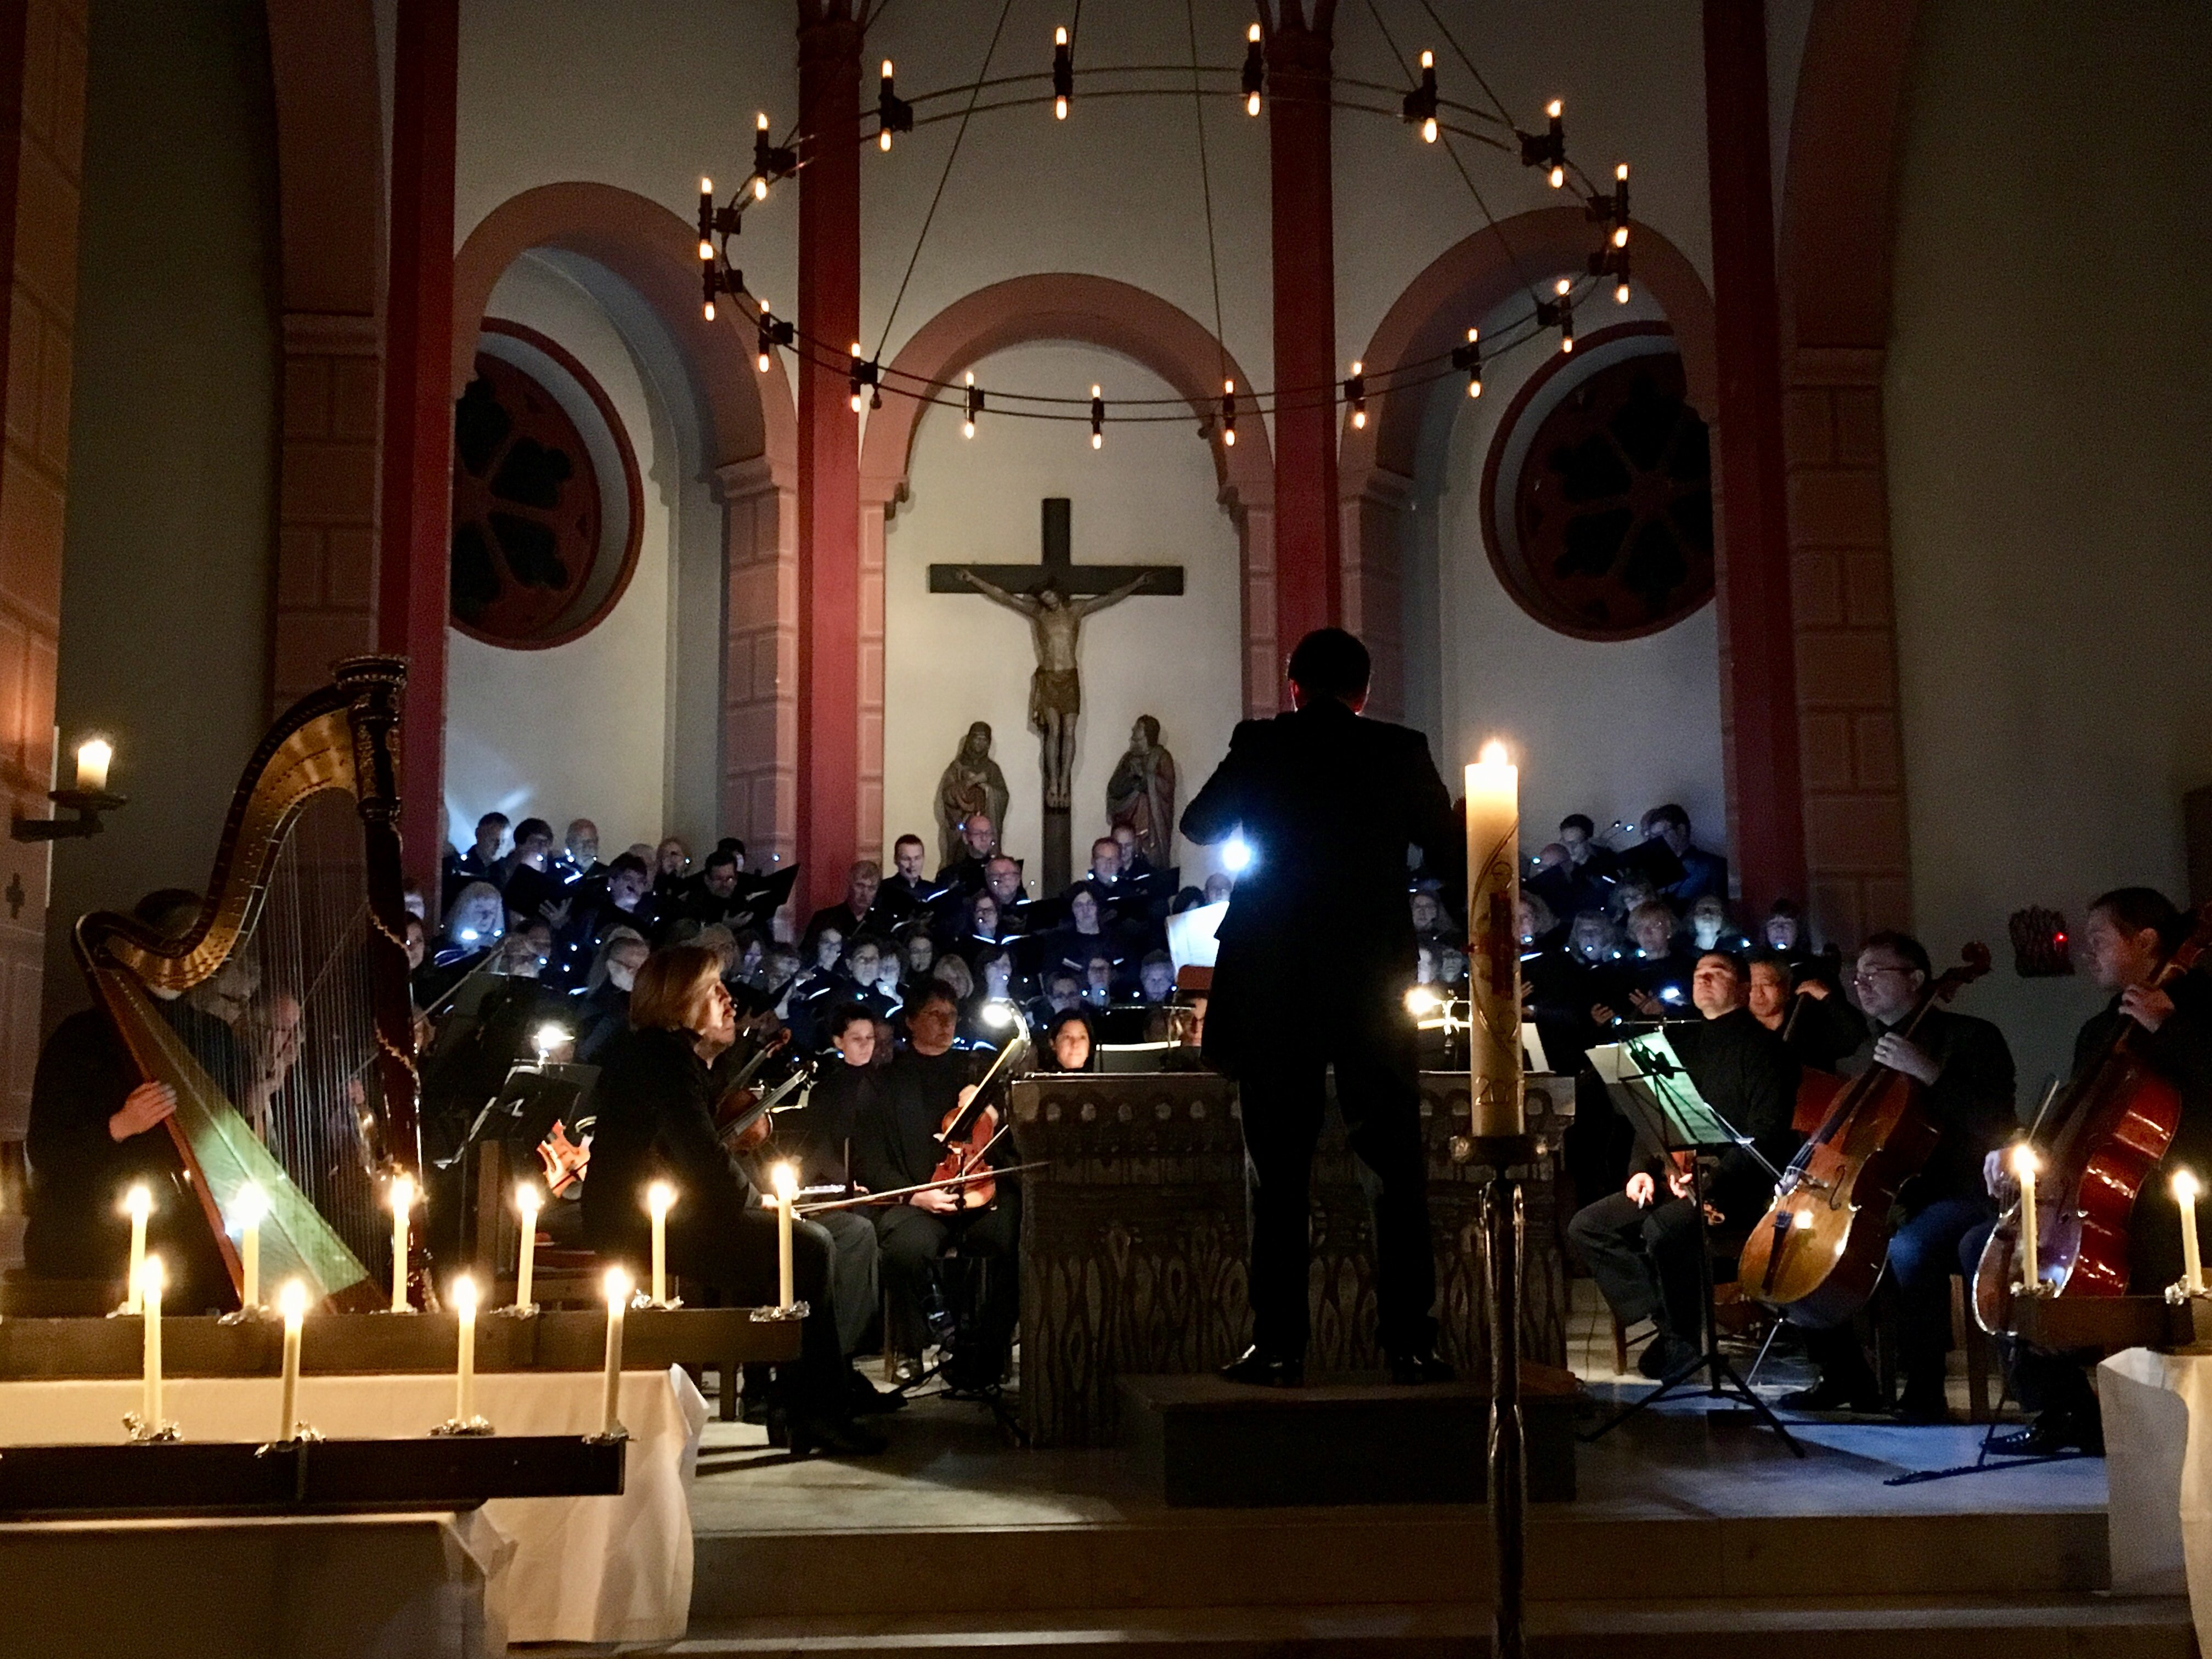 Ein Orchester in St. Vitus bei Kerzenlicht